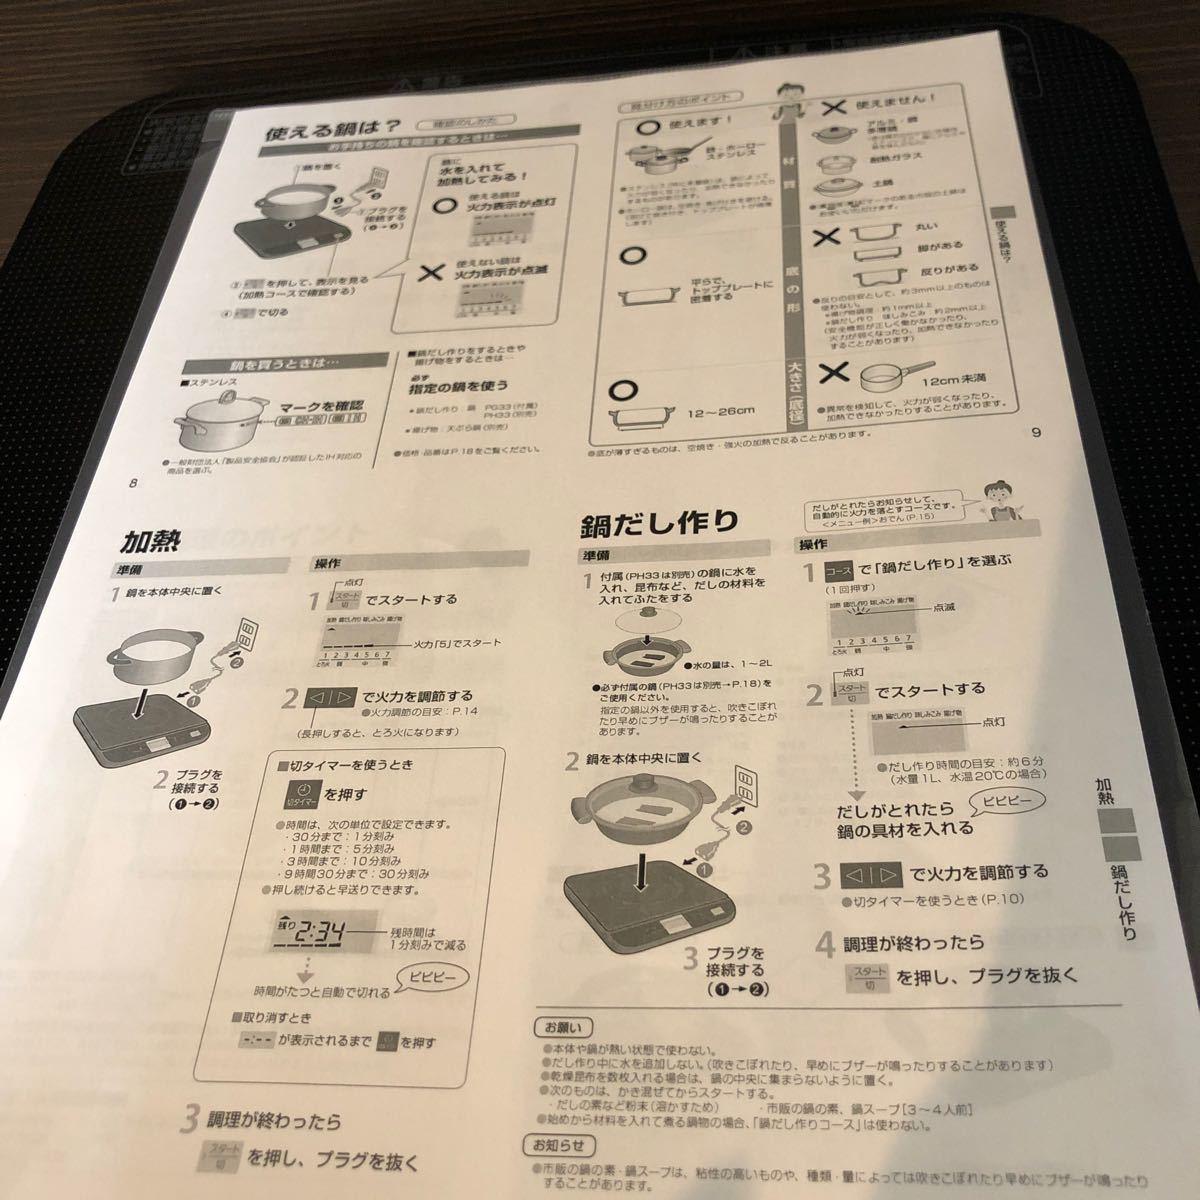 パナソニック IHクッキングヒーター Panasonic KZ-PH33 卓上IH調理器